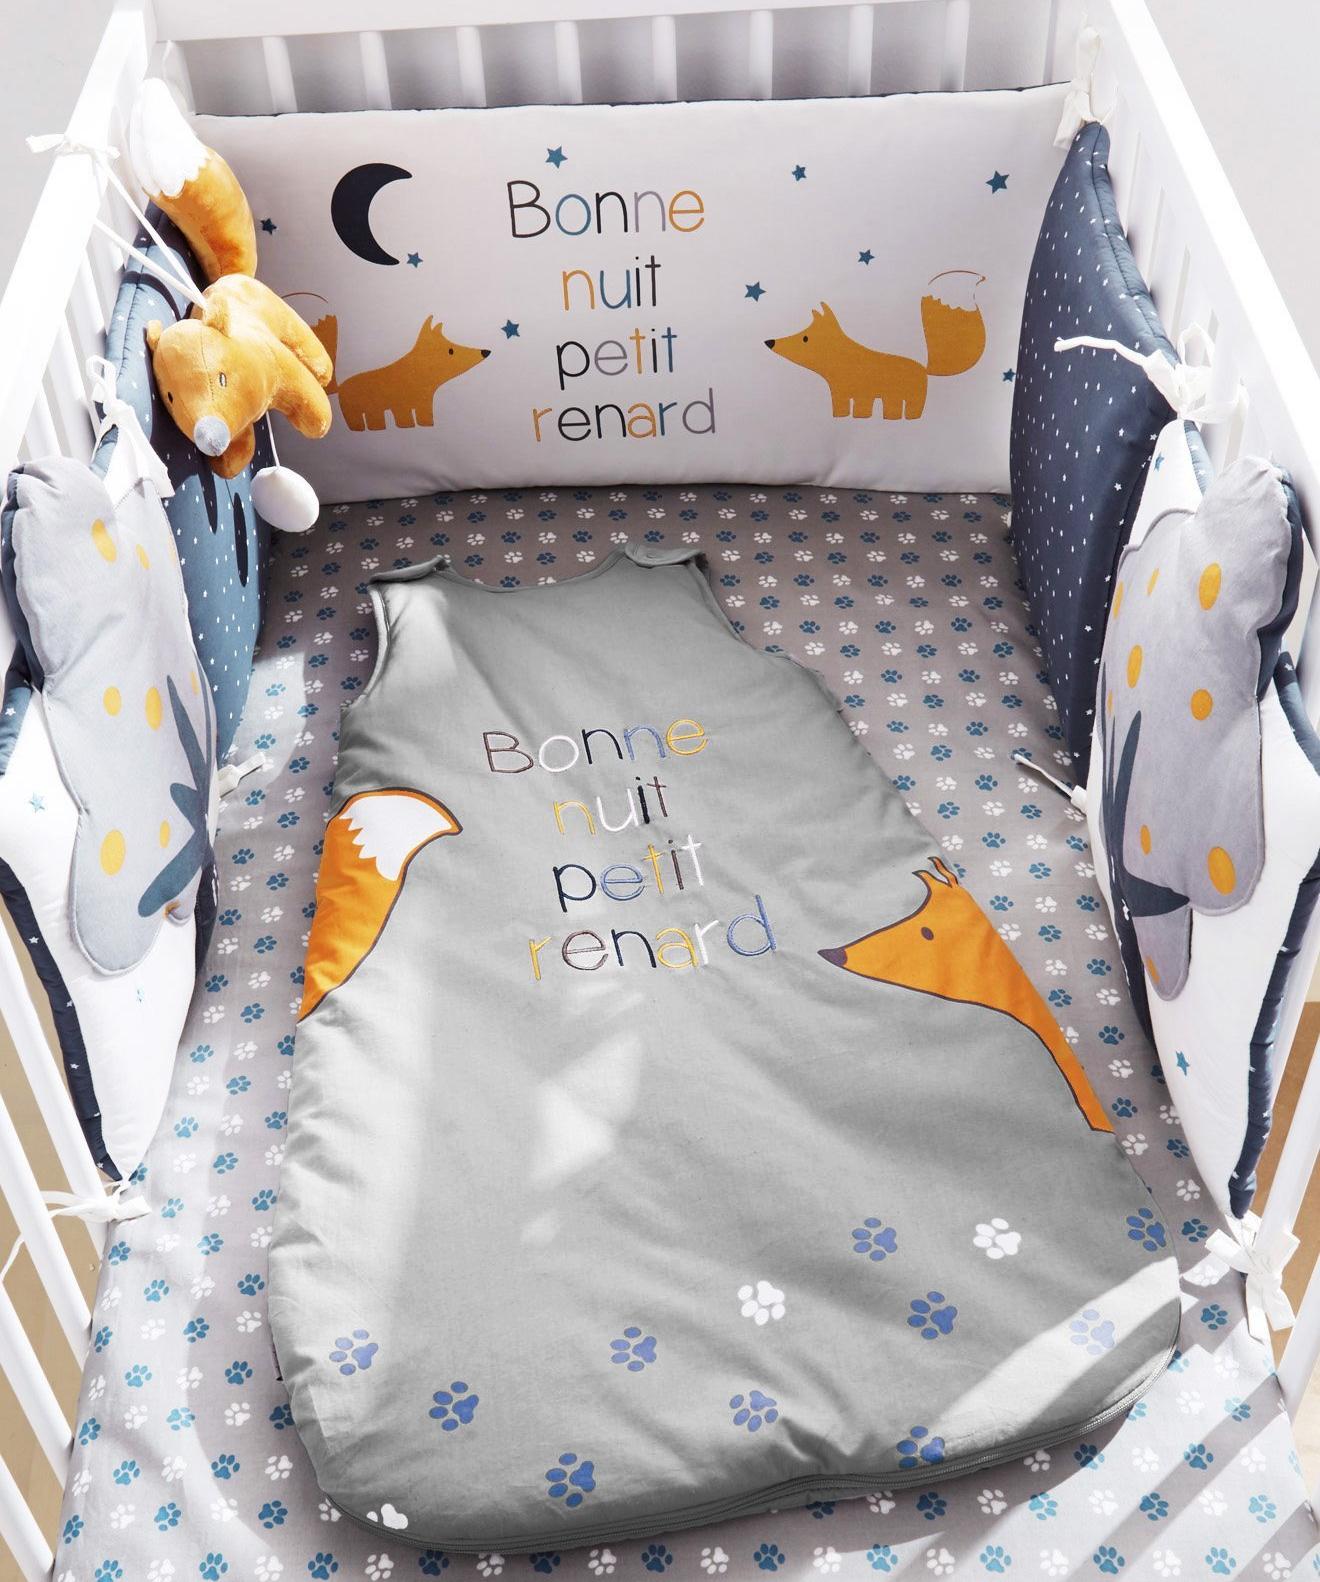 Tour de lit bébé Petit Renard verbaudet avis blog liste de naissance